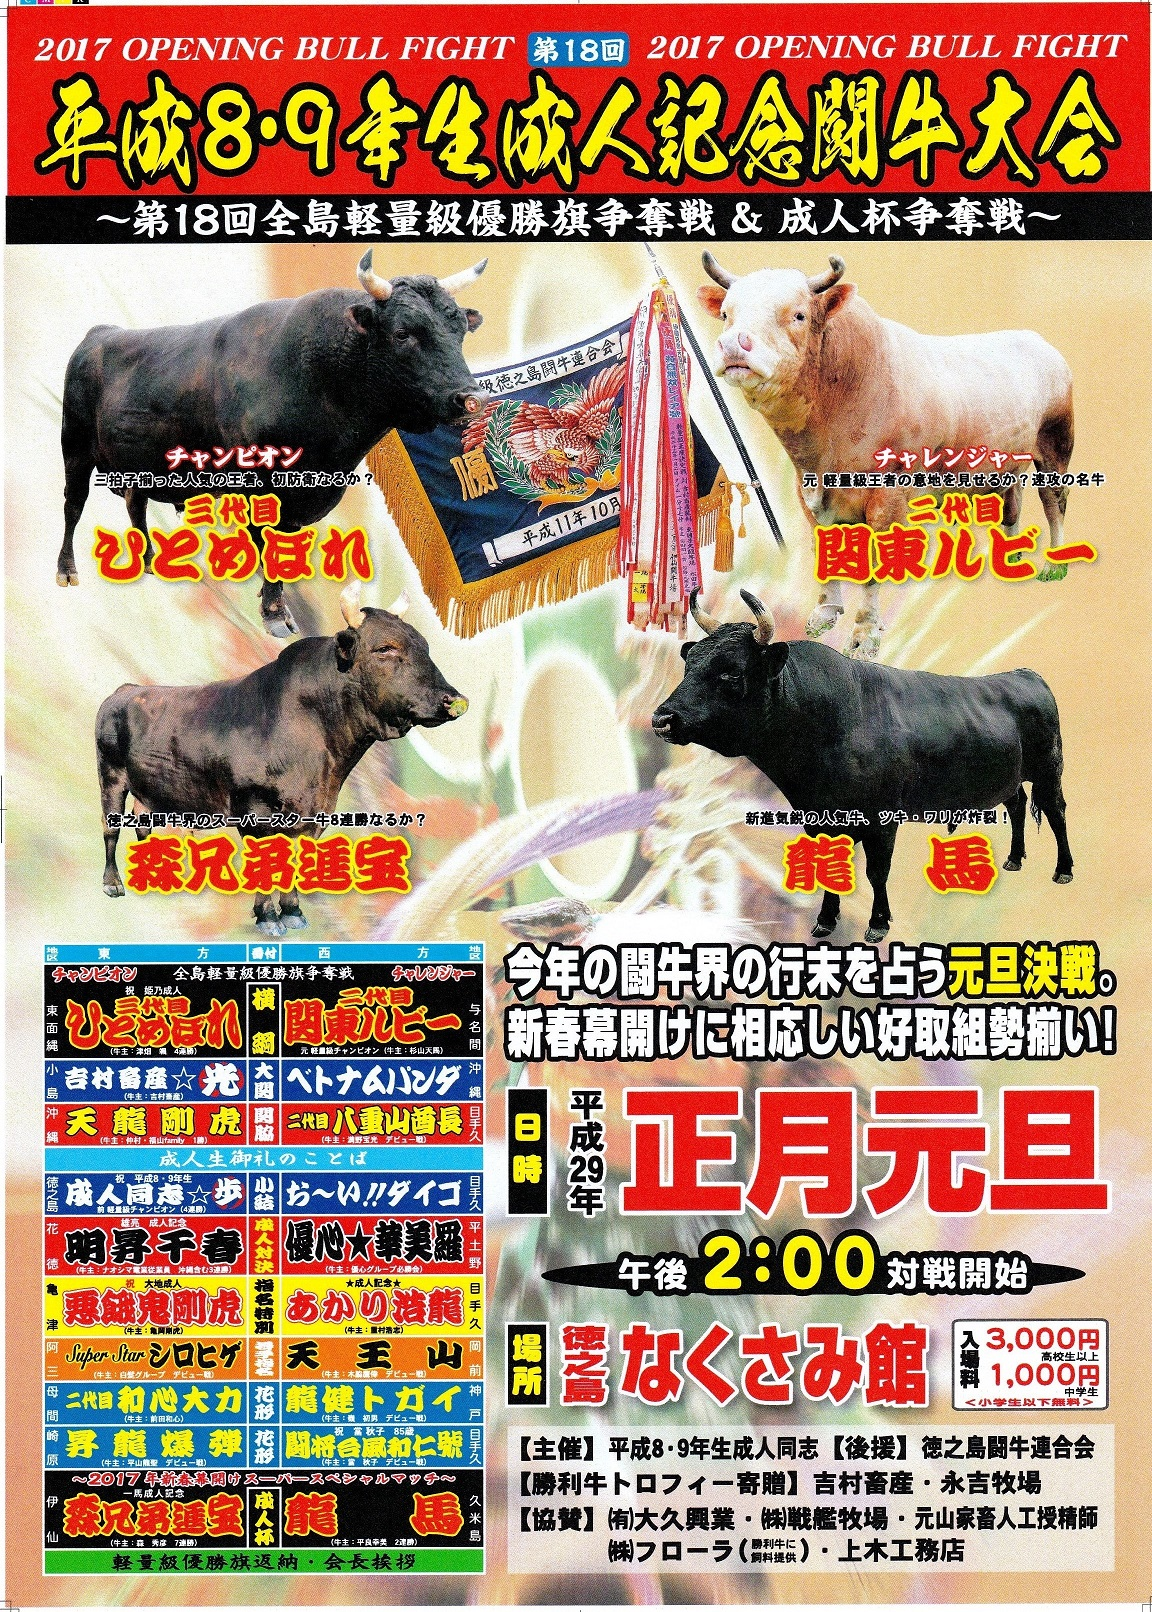 お正月 闘牛大会!tags[鹿児島県]